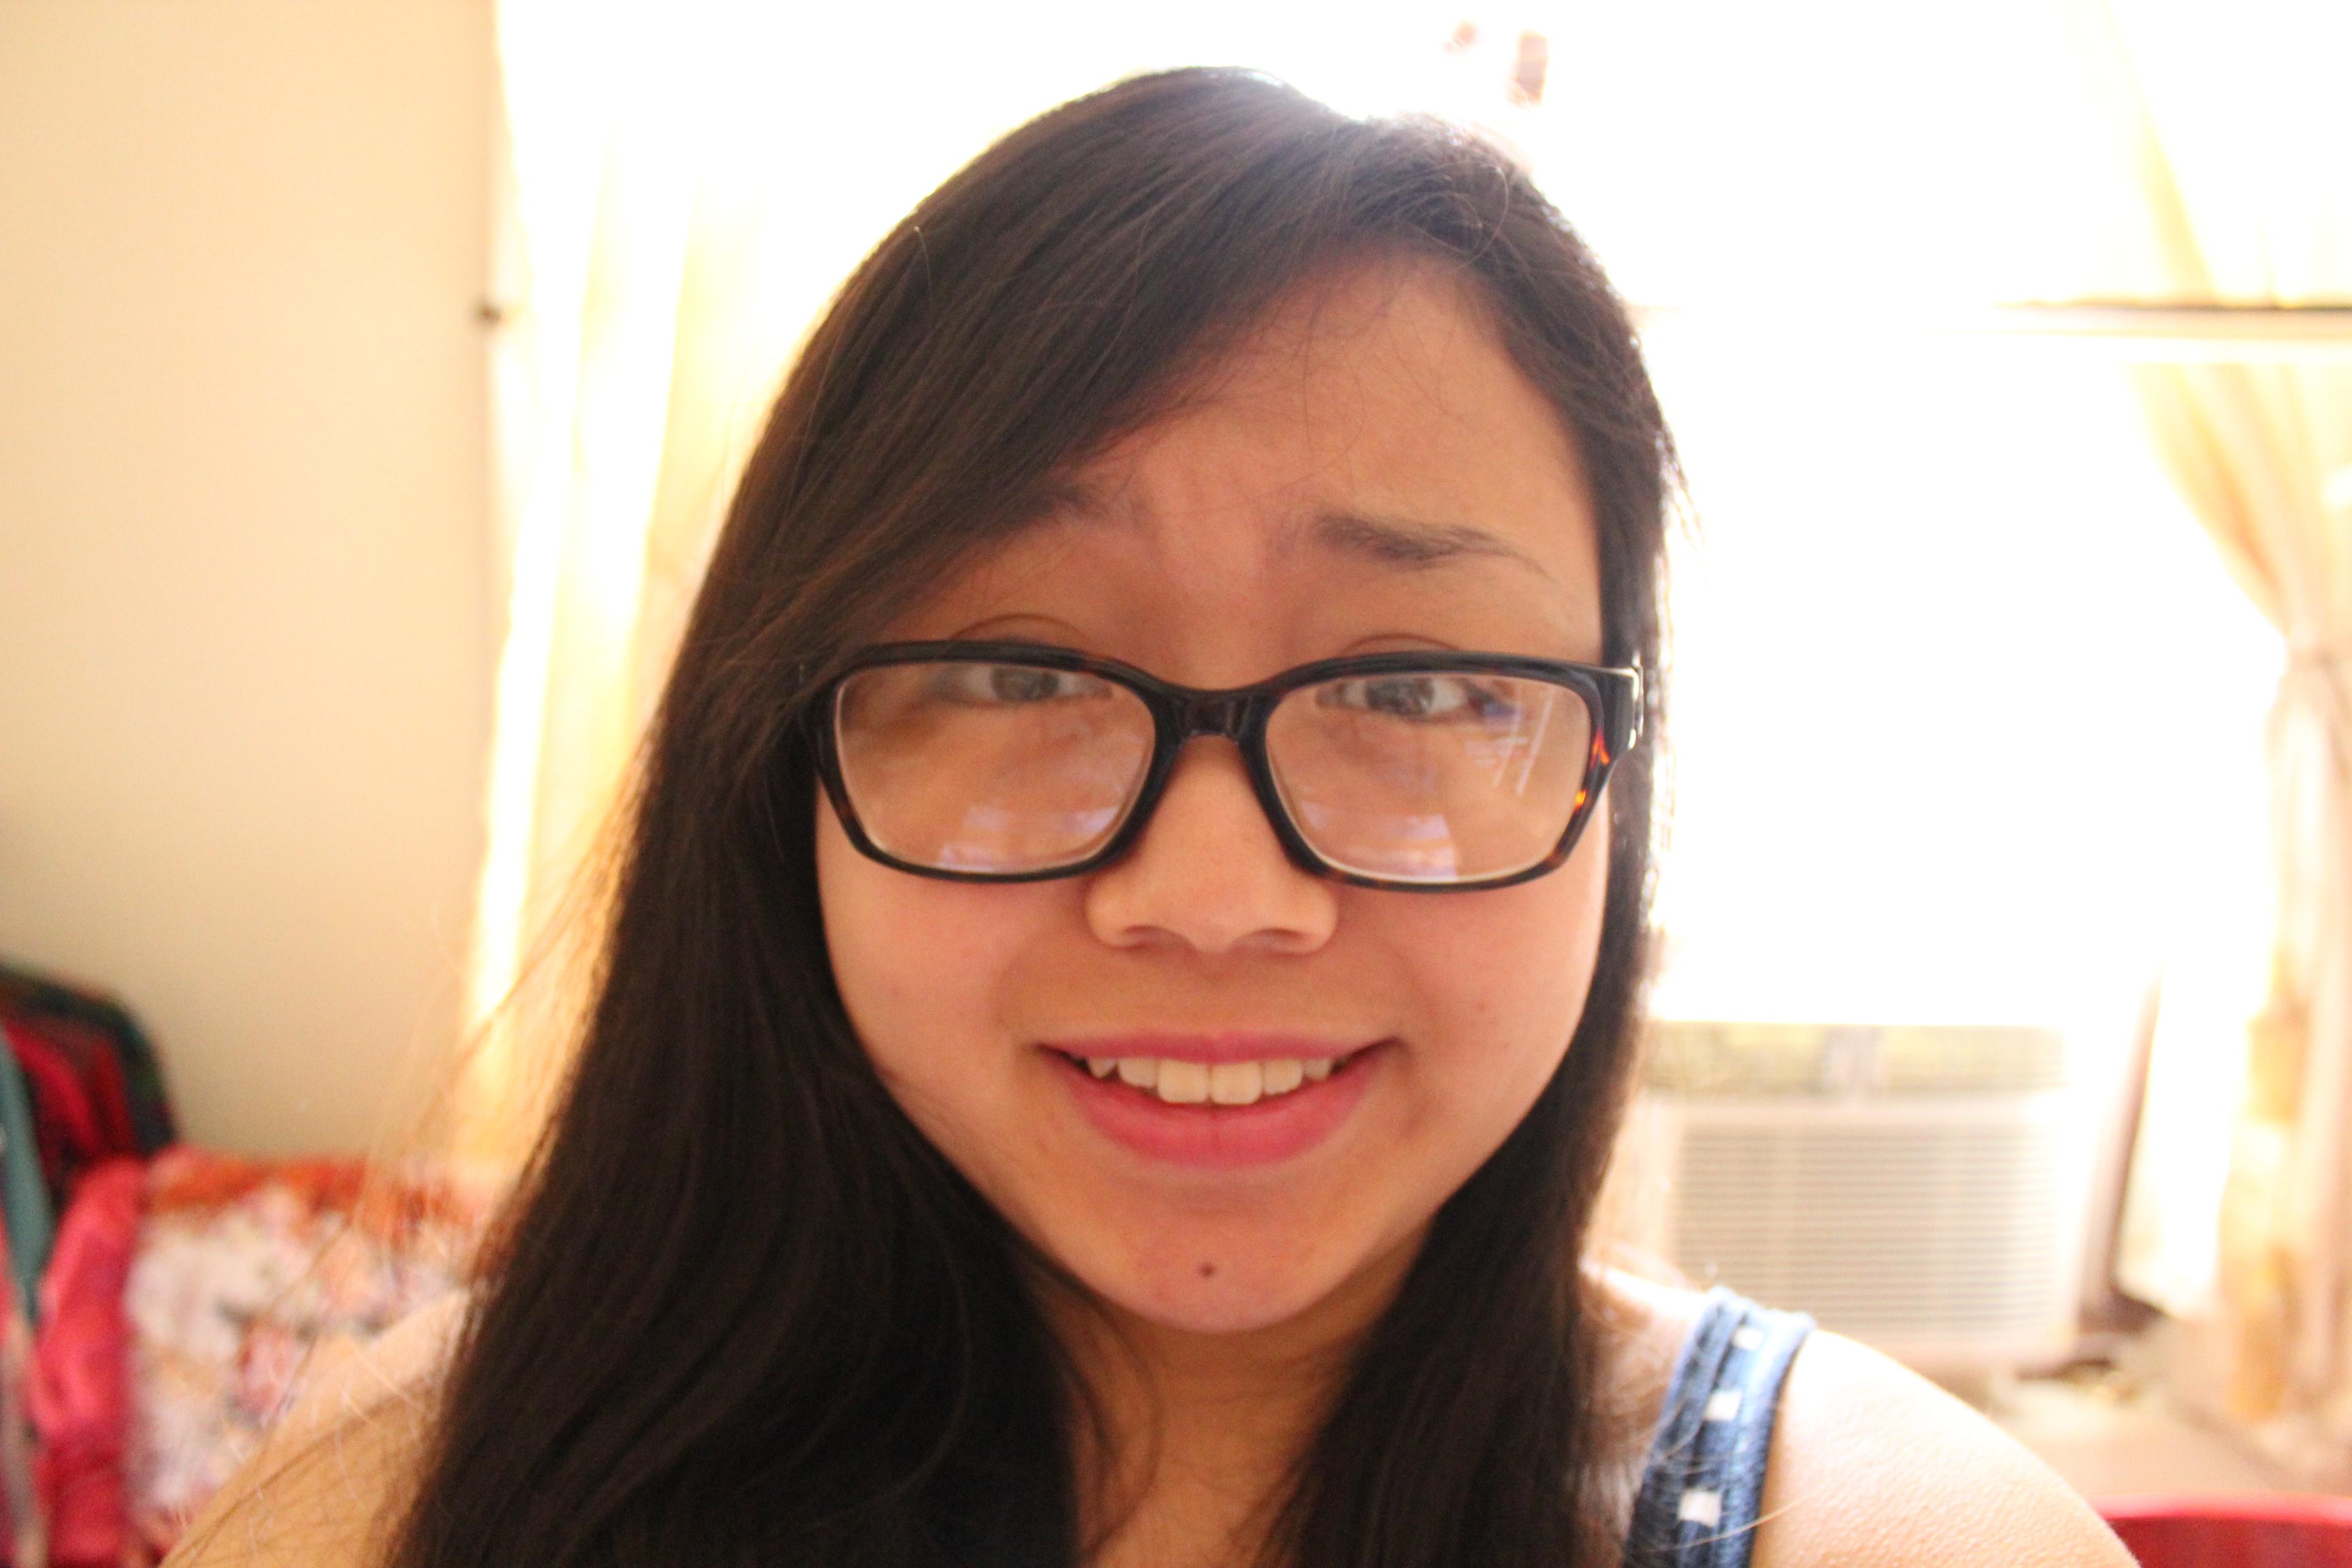 Mandy Wong '15